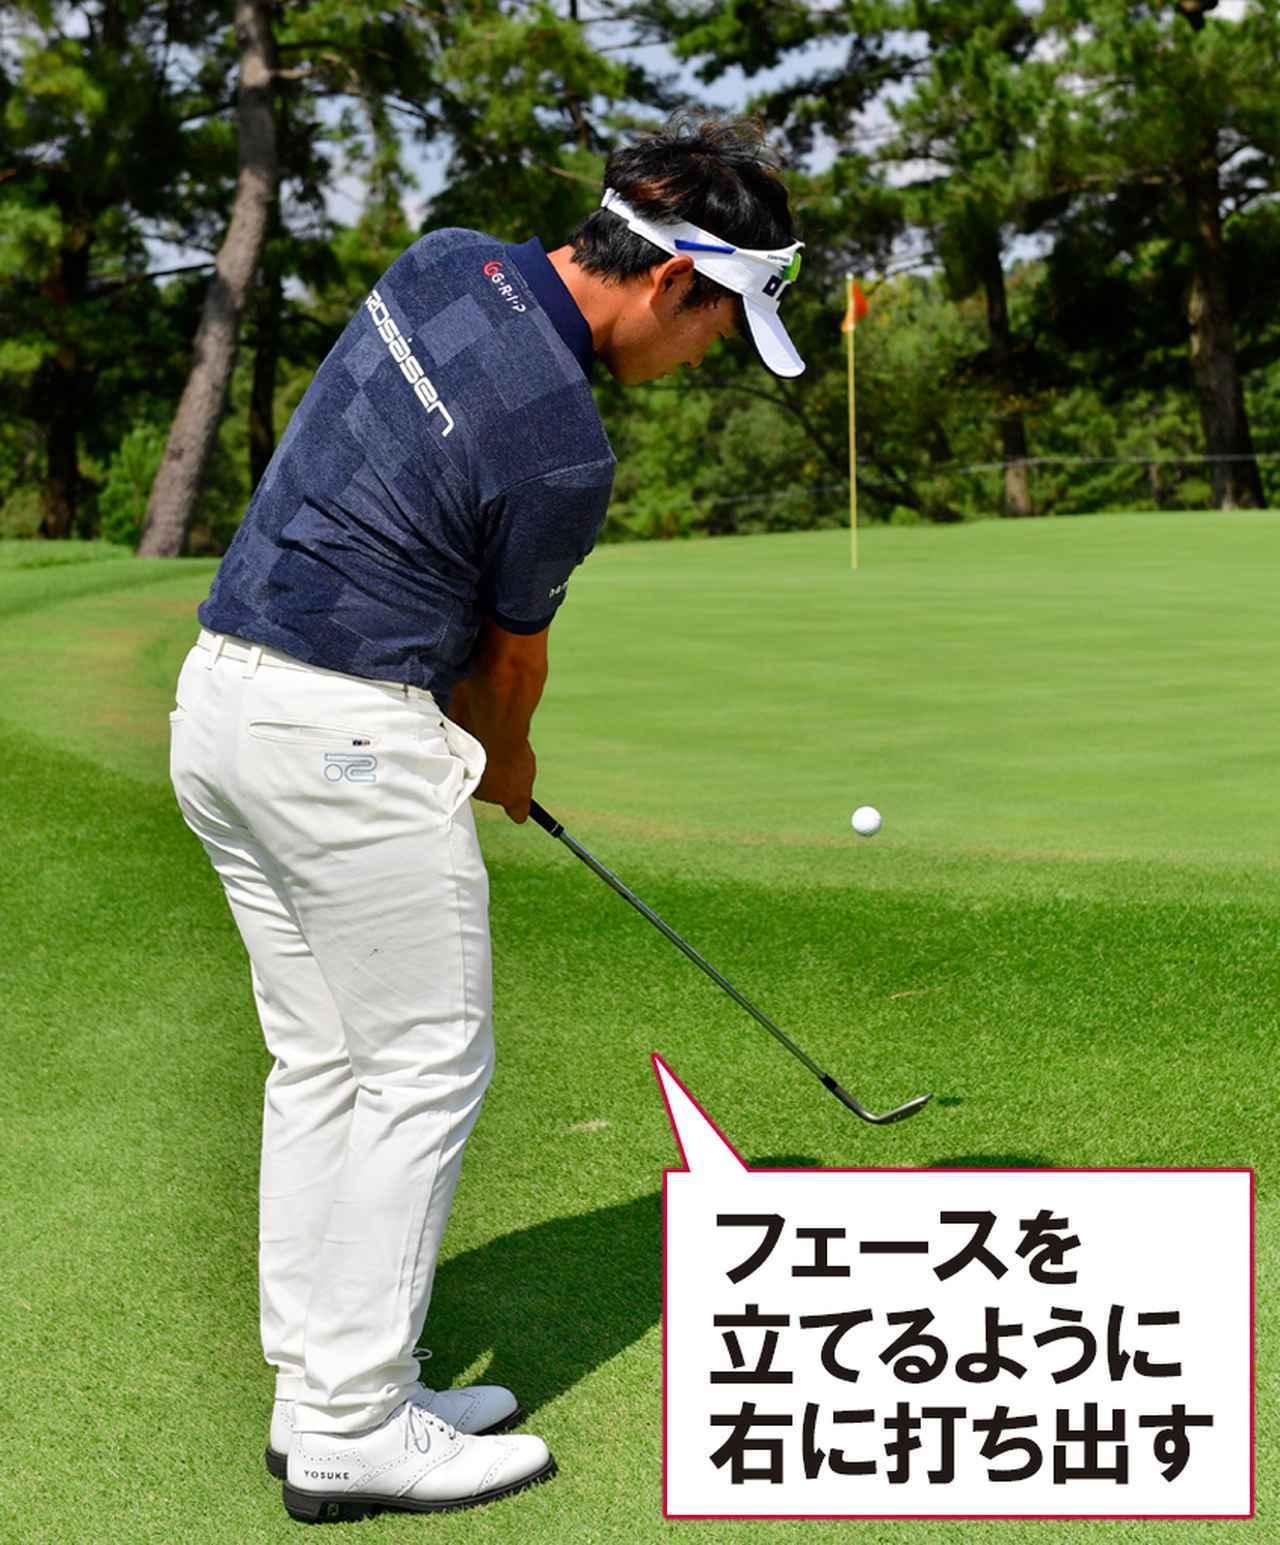 画像5: 【アプローチ】ザックリが消えて、距離感が良くなる、ドロー回転アプローチ① 石川遼はインサイドアウト軌道、その打ち方とは?